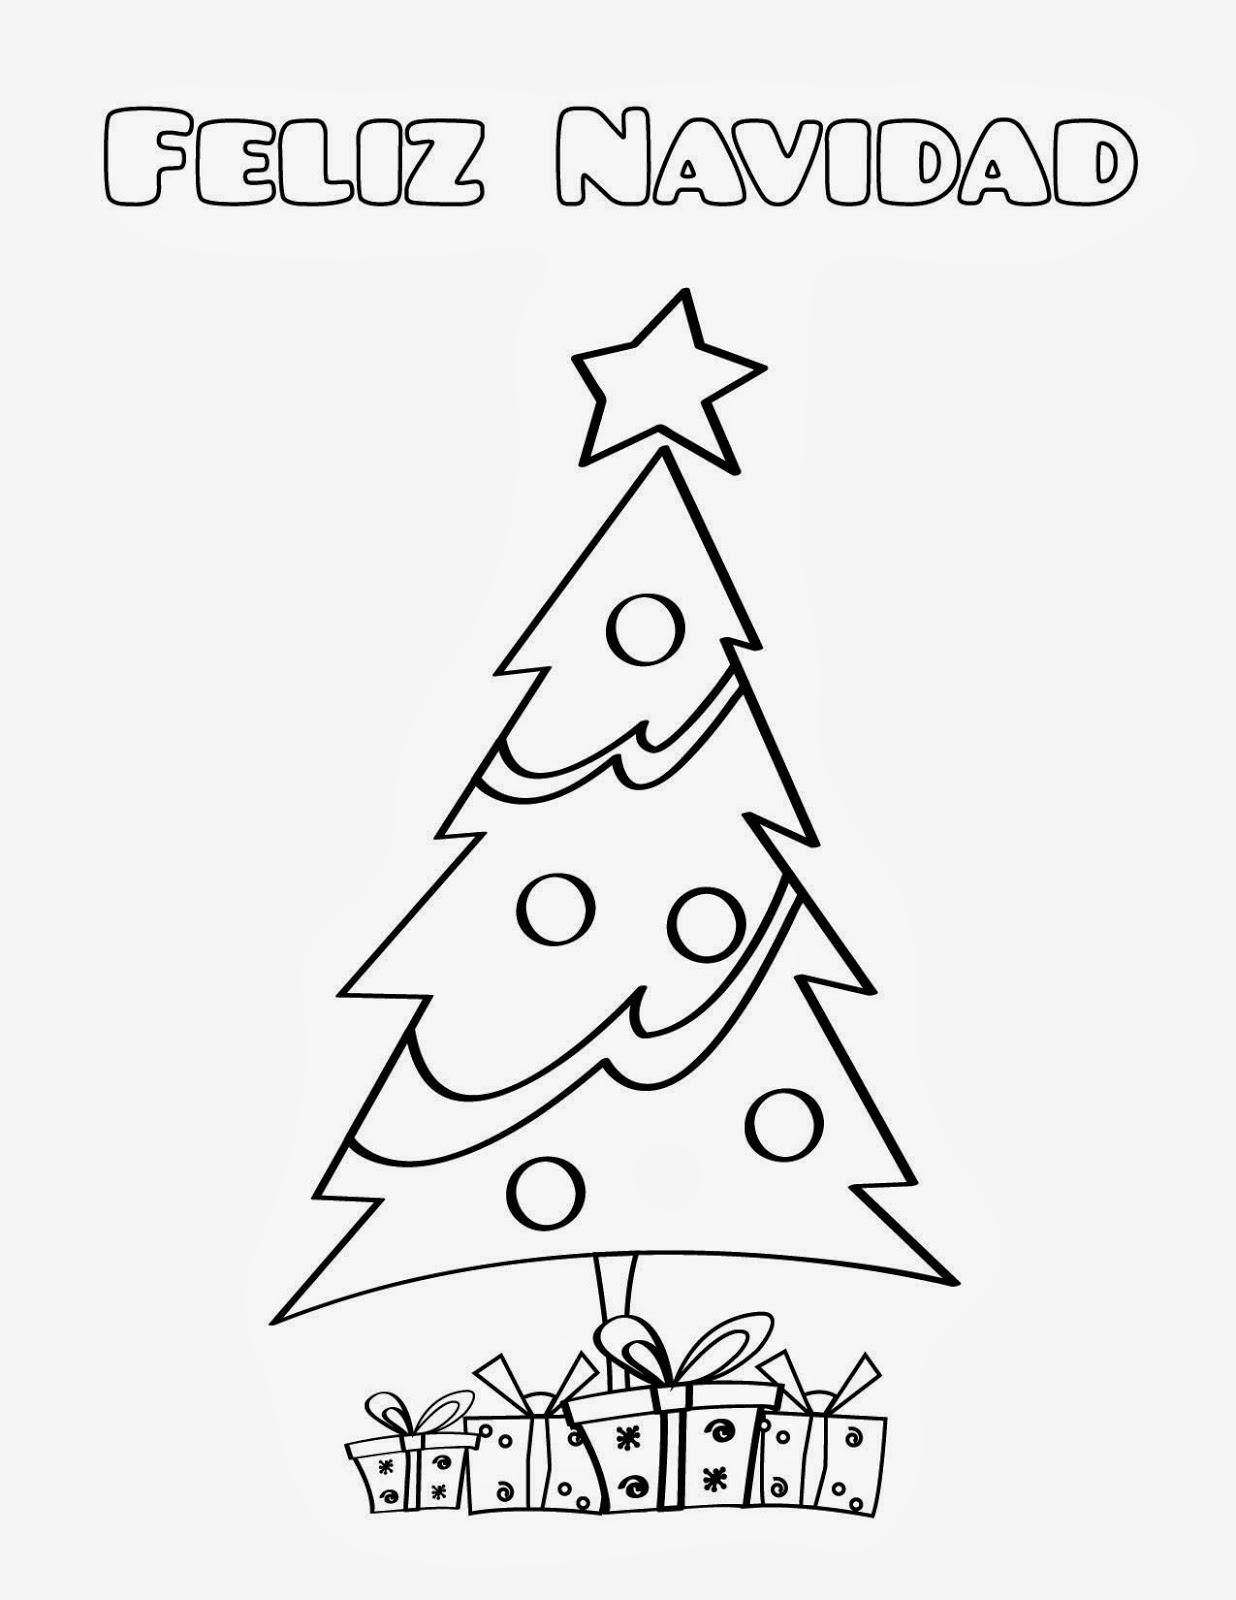 feliz pascua coloring pages | RELIGICANDO EN EL COLE: Ficha para colorear: Feliz Navidad.